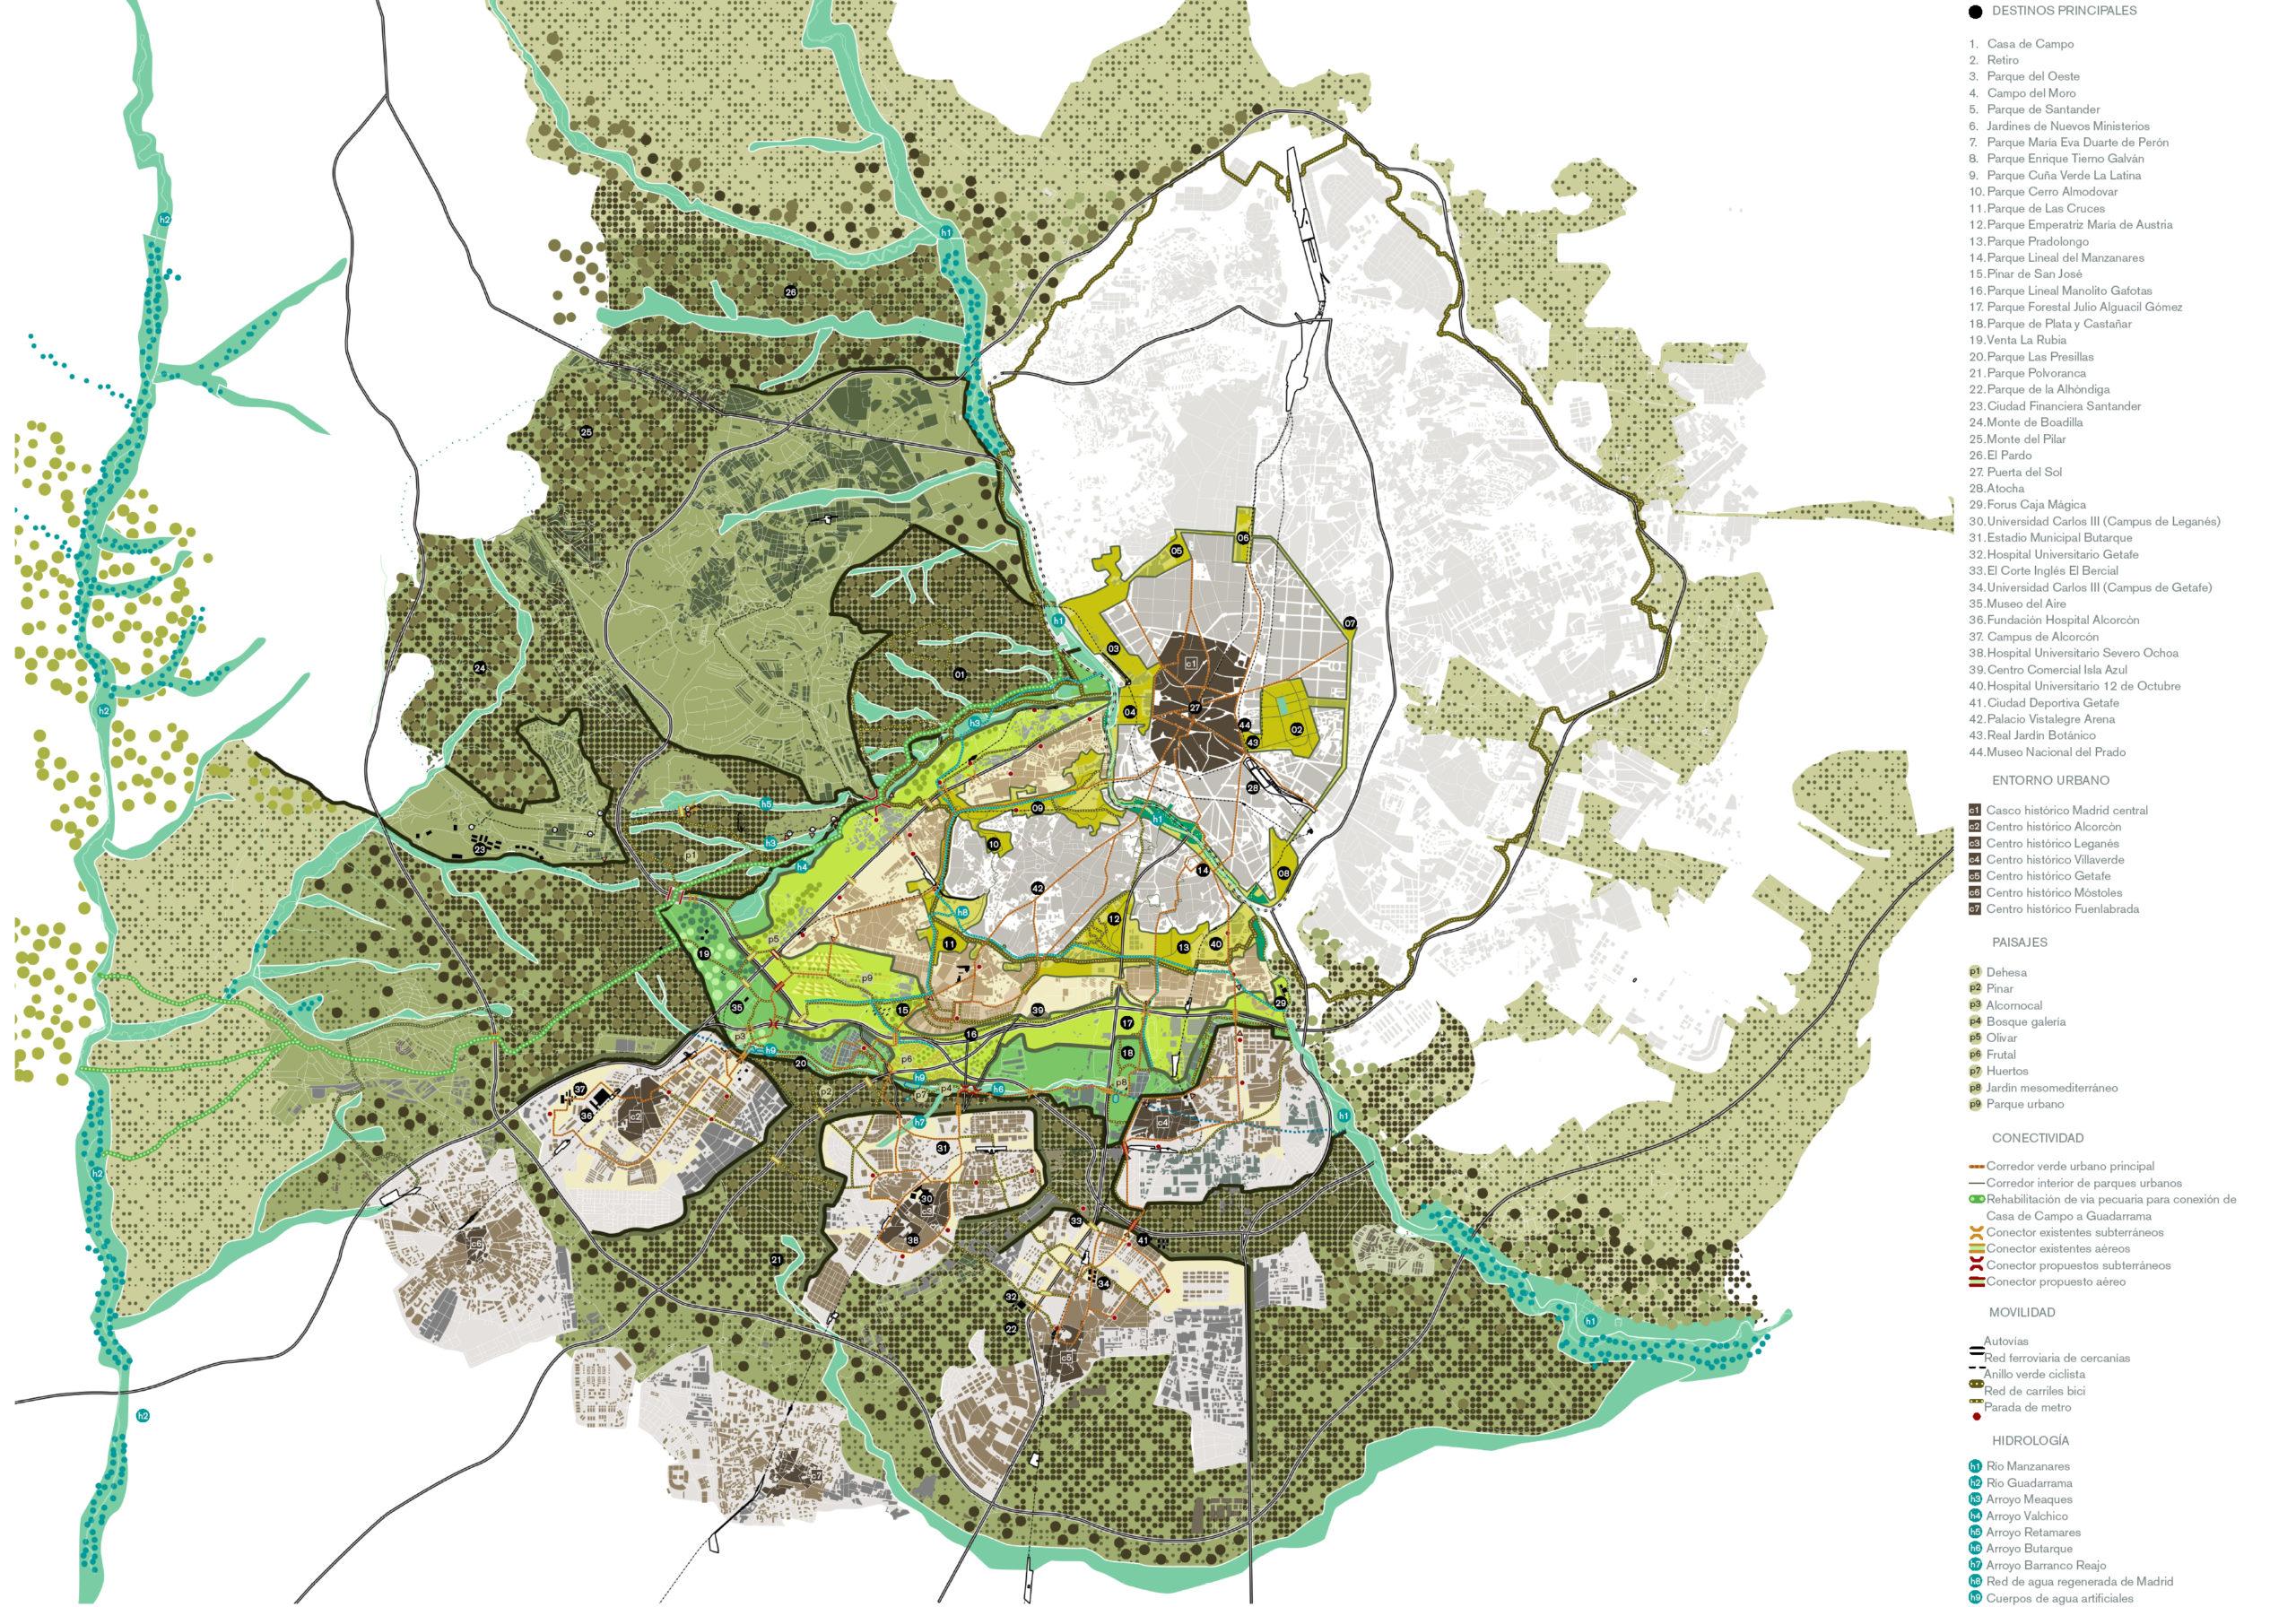 Los tres bosques del suroeste - Masterplans